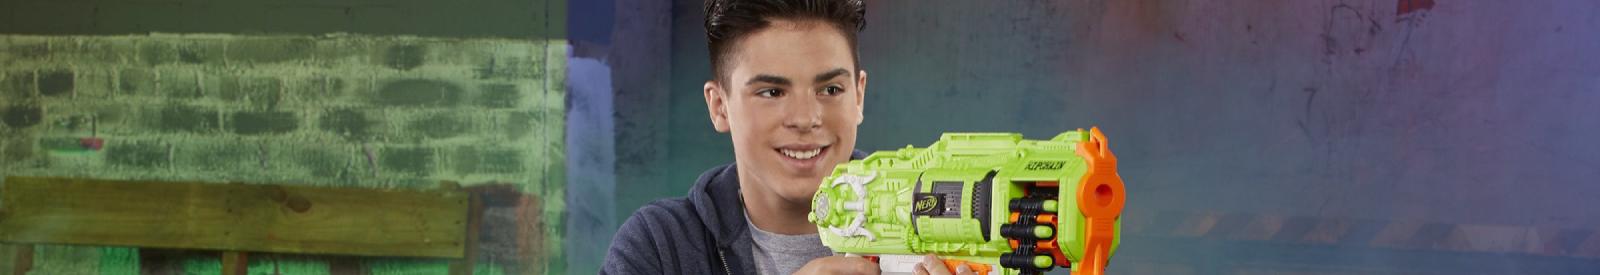 Geweren en laserpistolen